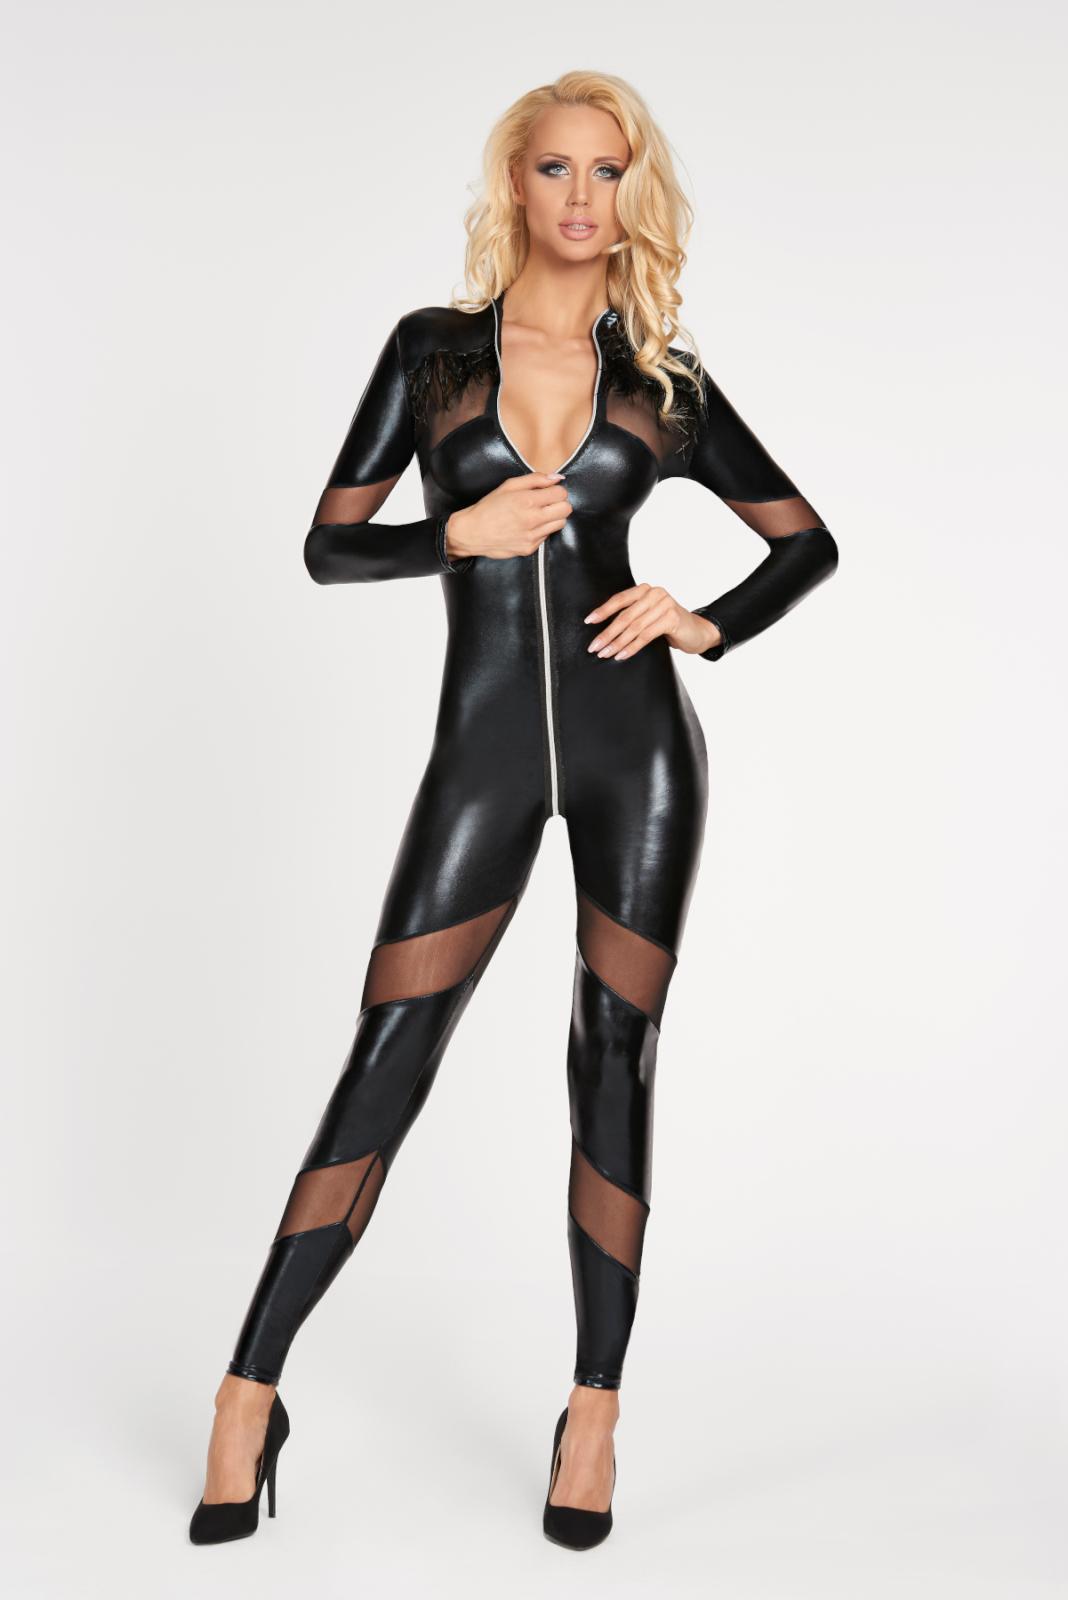 69d3004e719 Wetlook lange mouwen jumpsuit met mesh inzetstukken, kinky catsuits